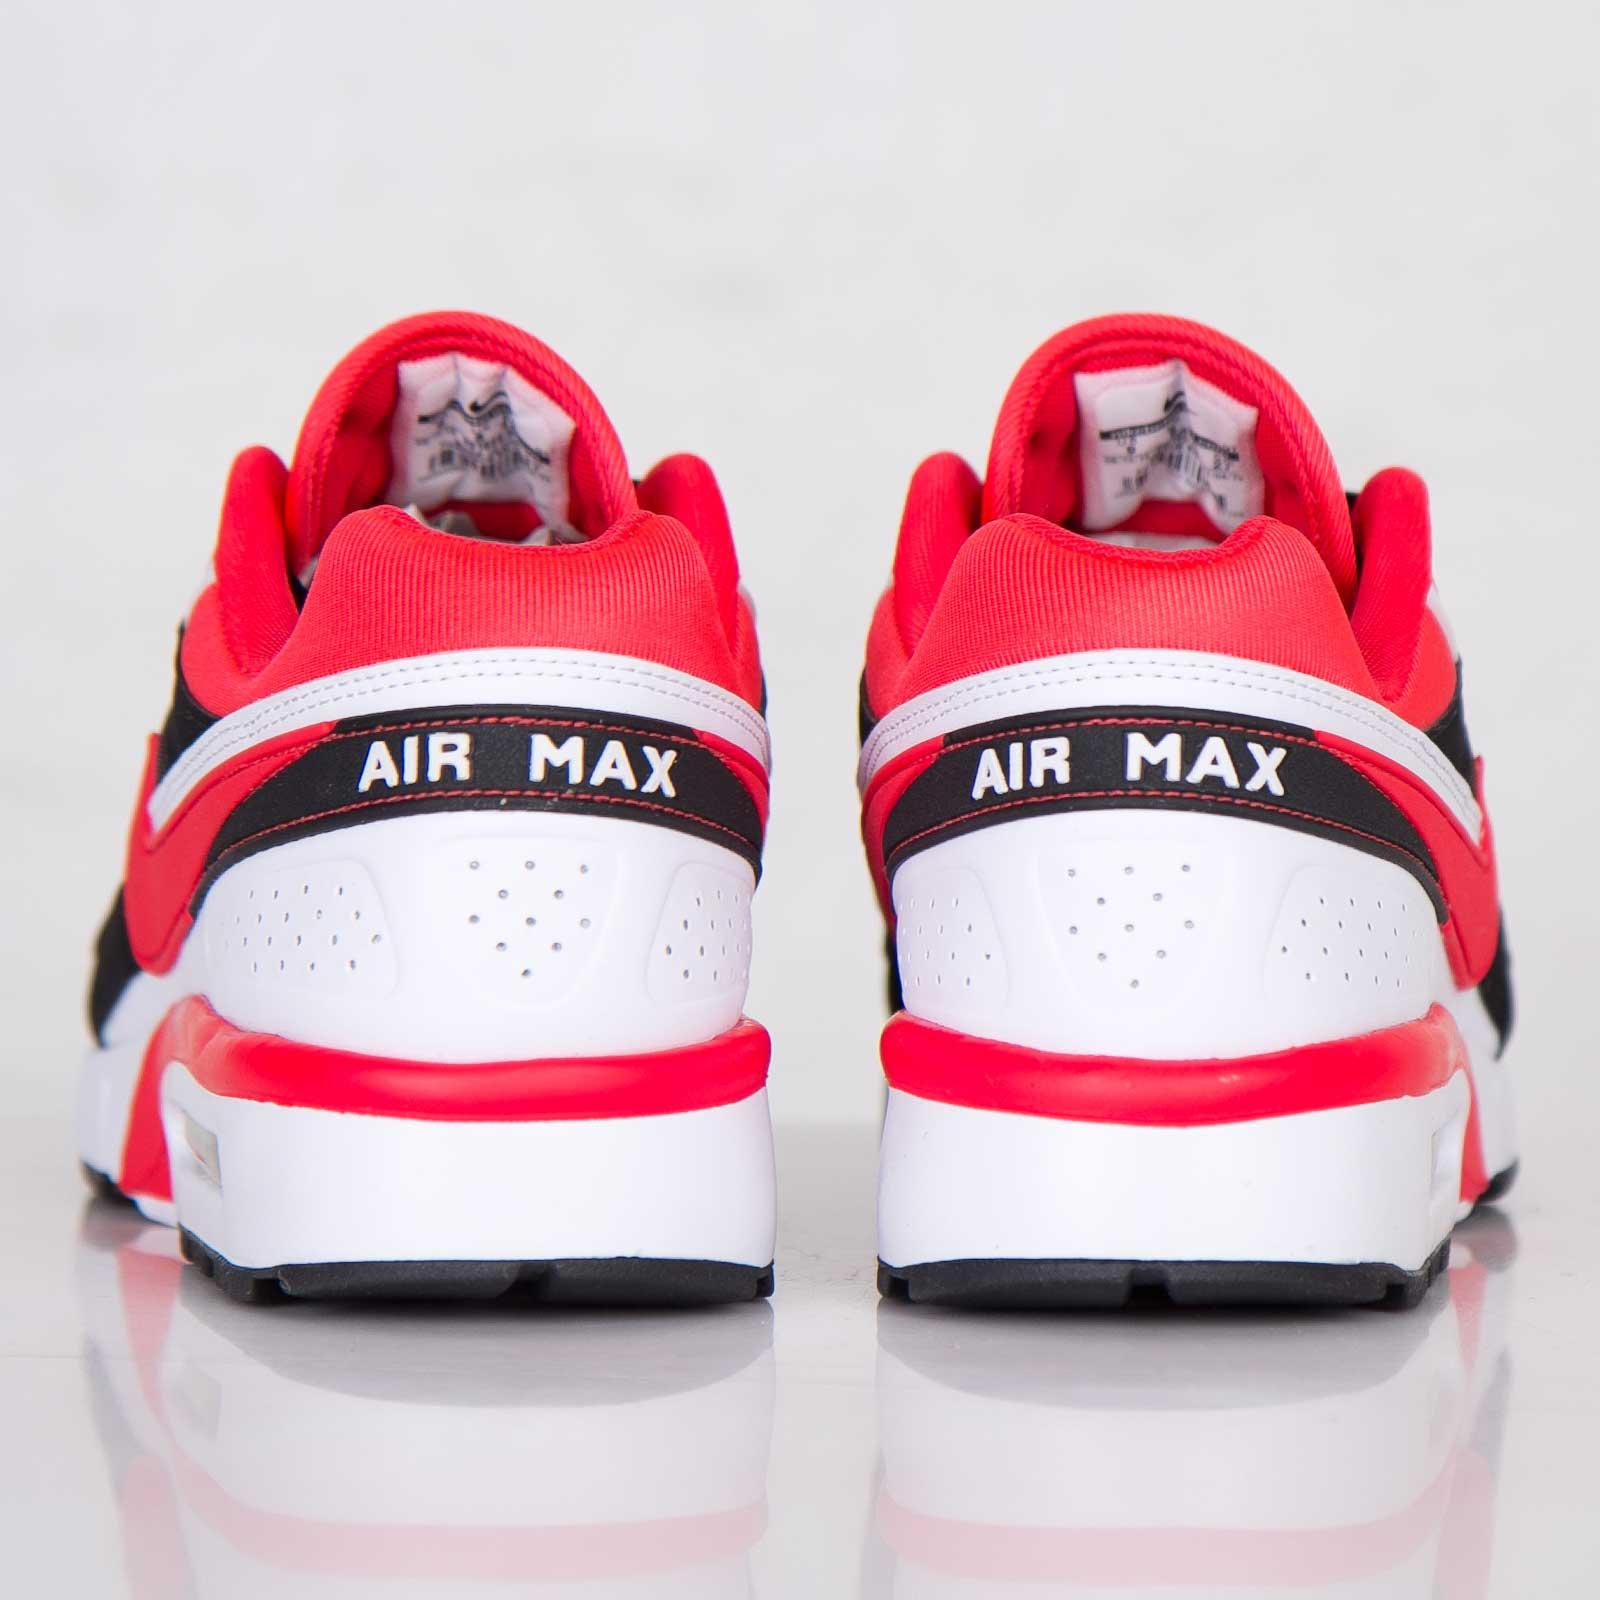 huge discount 9c2ac 1cc8f Nike Air Classic BW GEN II CMFT - 631624-061 - Sneakersnstuff | sneakers &  streetwear online since 1999